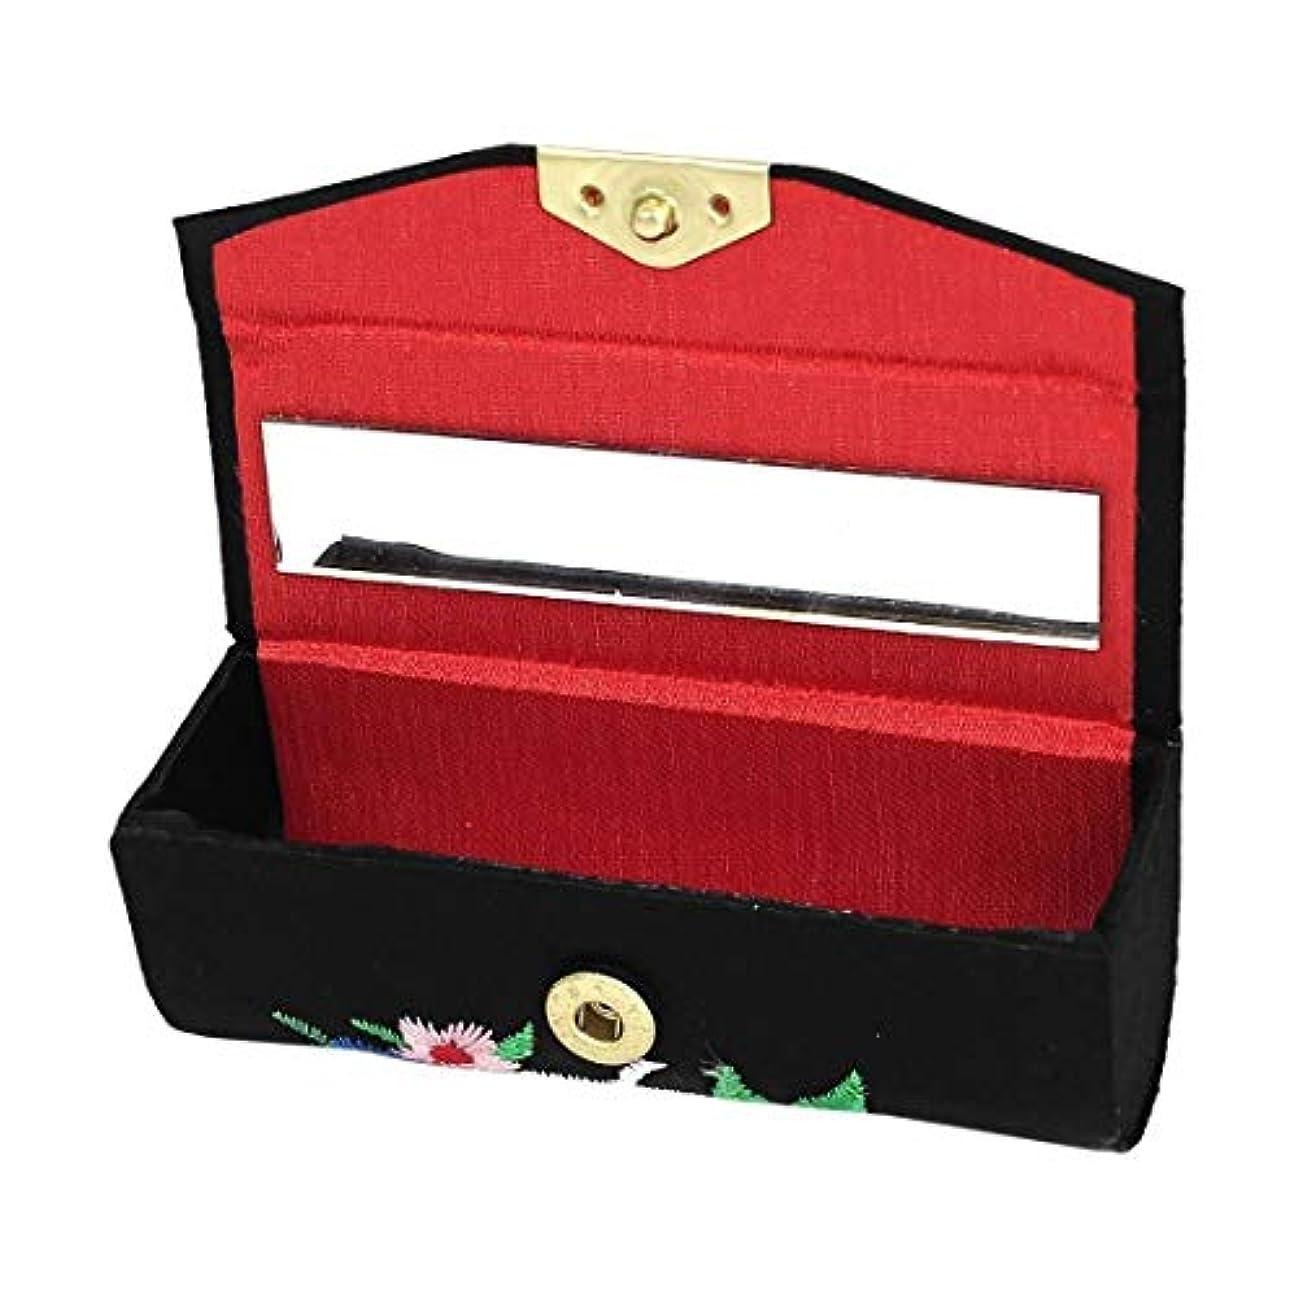 ヒント失望嵐が丘1st market プレミアム品質花刺繍レディー口紅リップチャップスティック化粧ケースボックスブラック